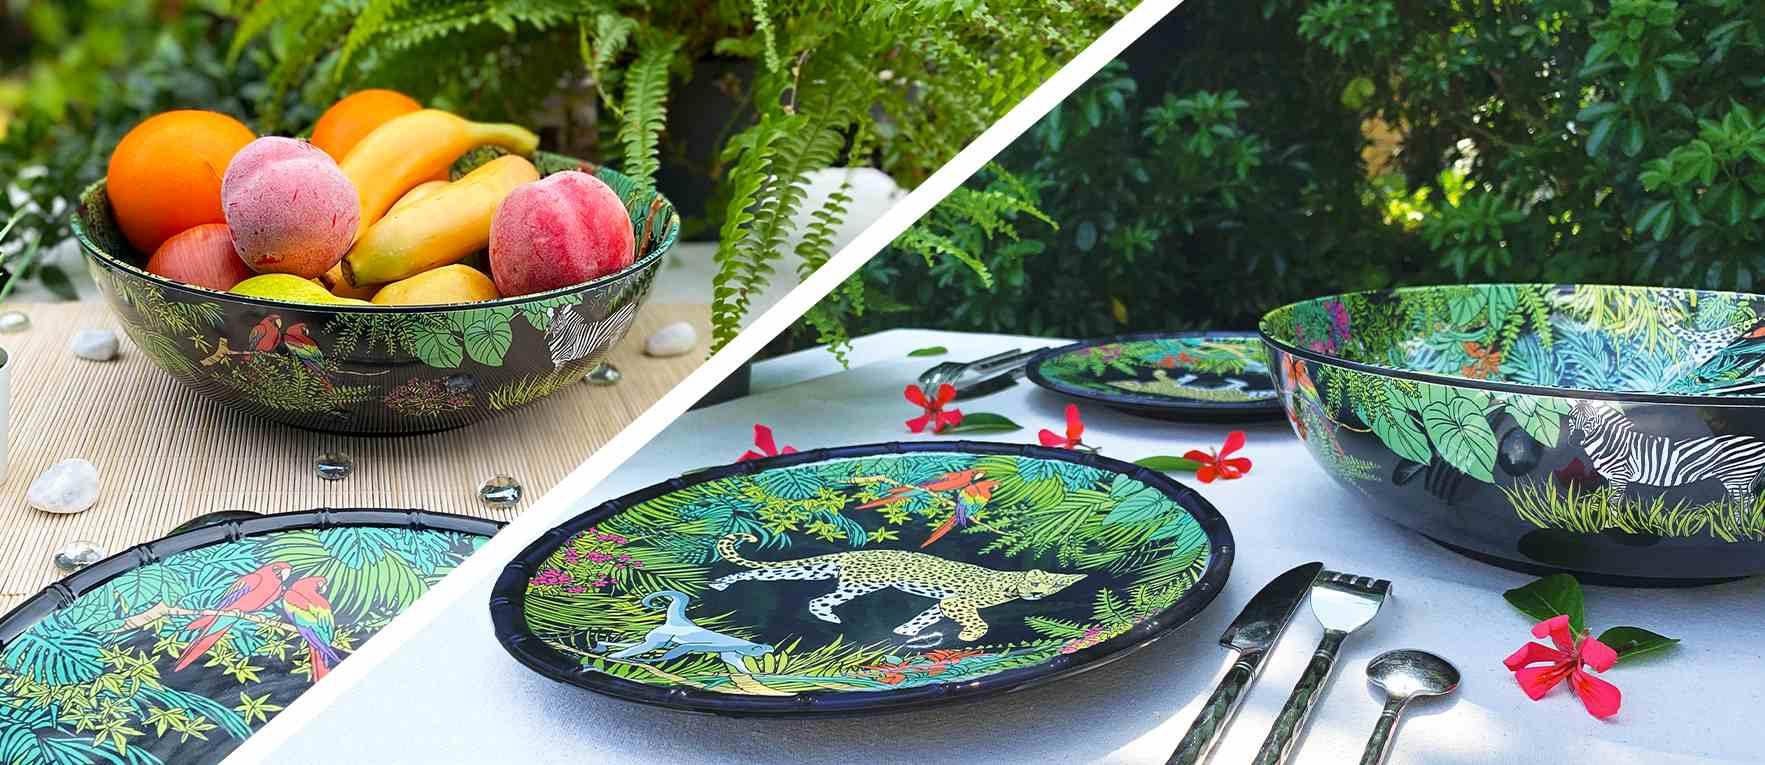 Foto van de melamine collectie aap thema: borden, dienblad, schotel...